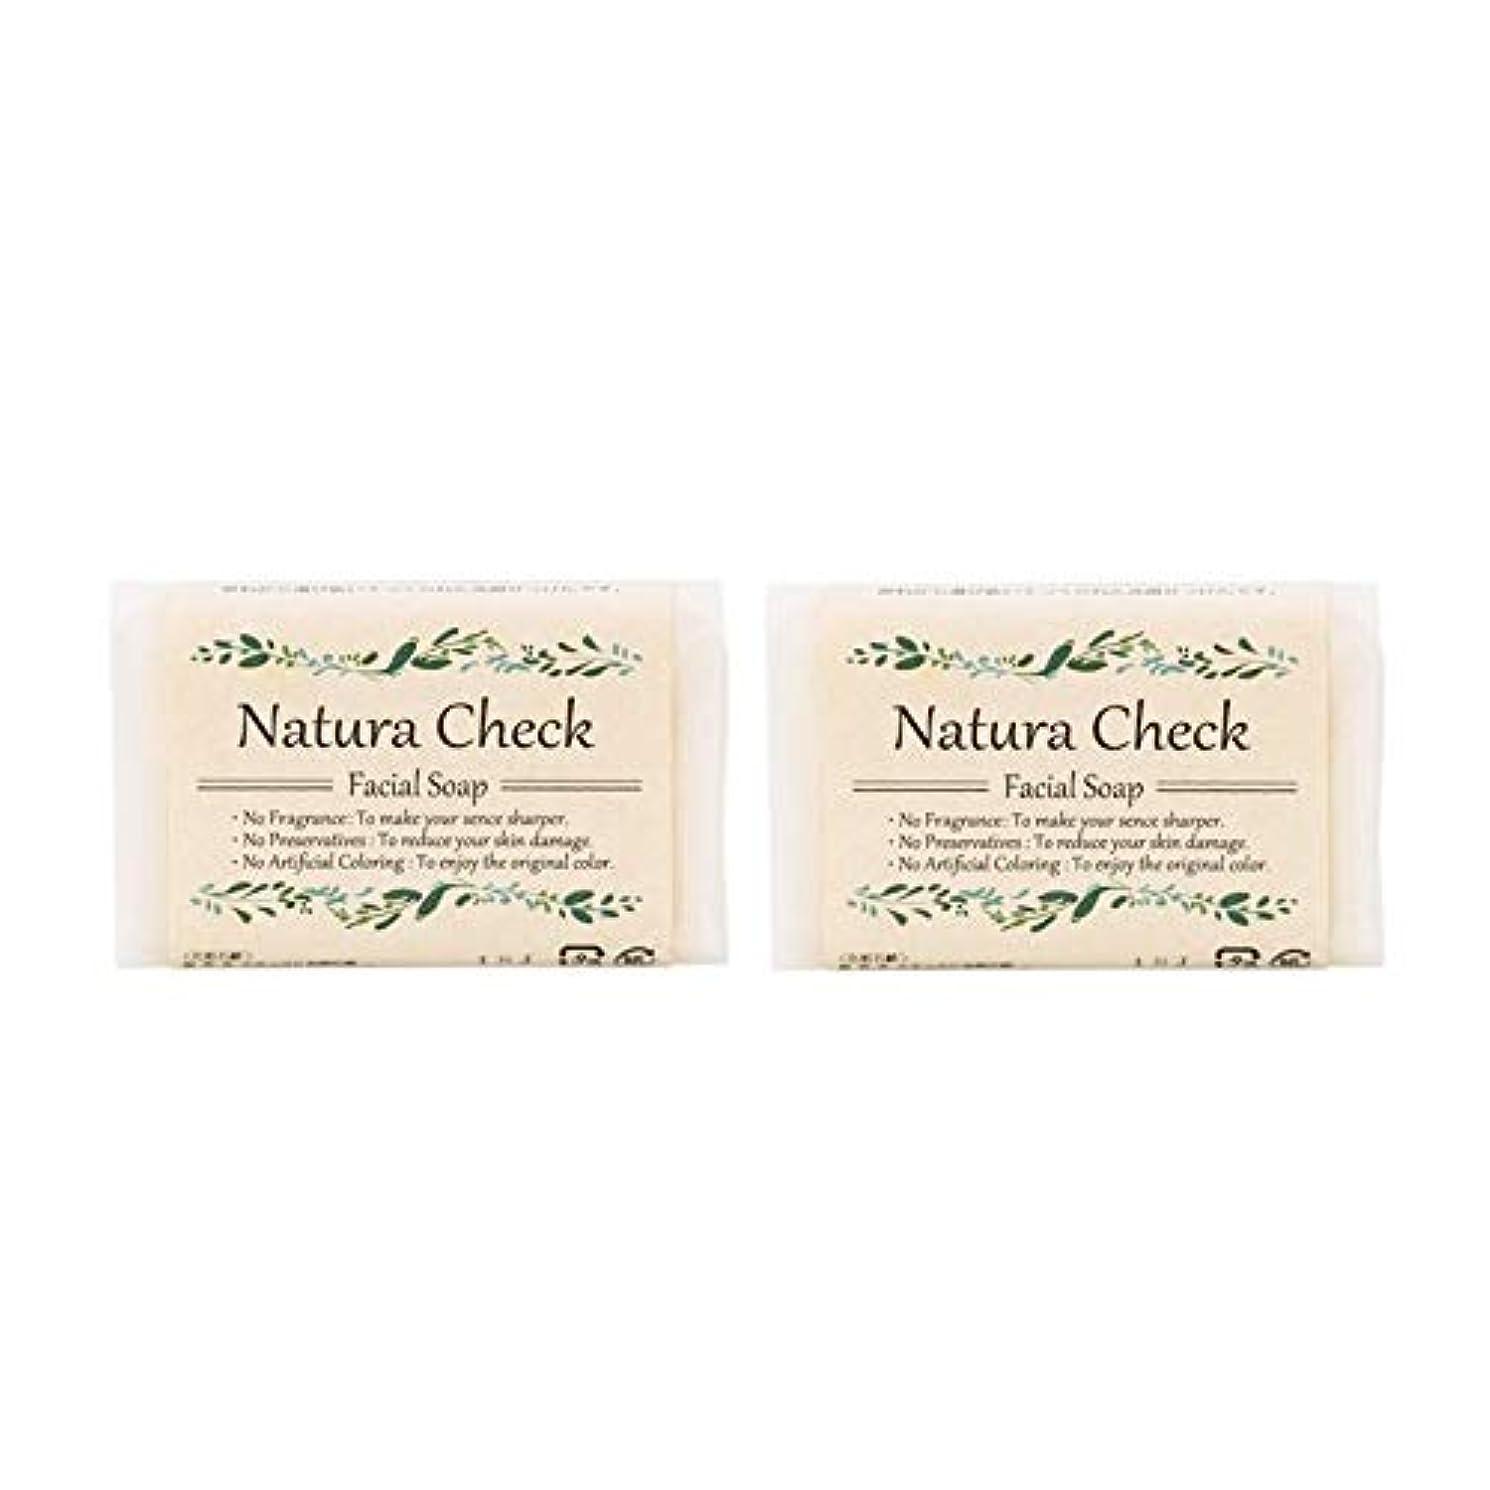 意気消沈したアッパー時Natura Check 無添加洗顔せっけん80g 2個セット 毛穴の黒ずみ、毛穴の開き、敏感肌、乾燥肌対策に 新生児やアトピー肌にも安心